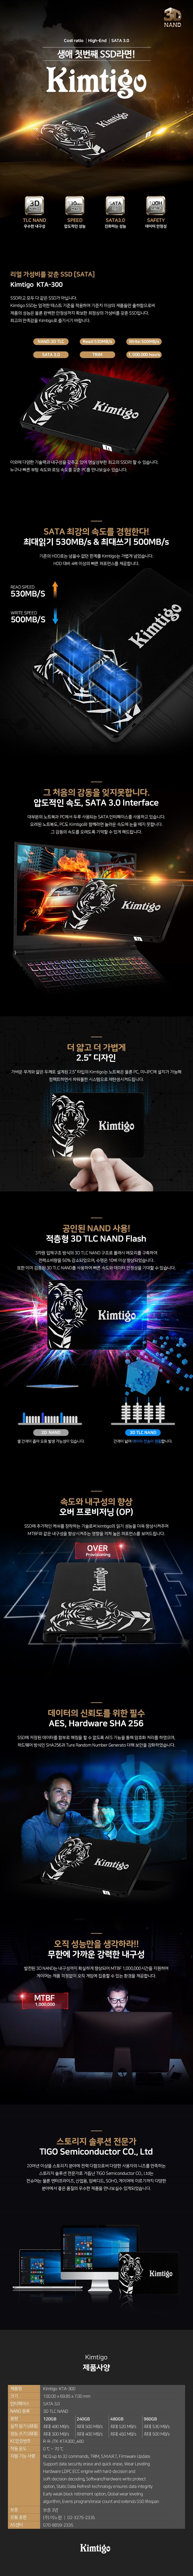 Kimtigo KTA-300 (240GB)